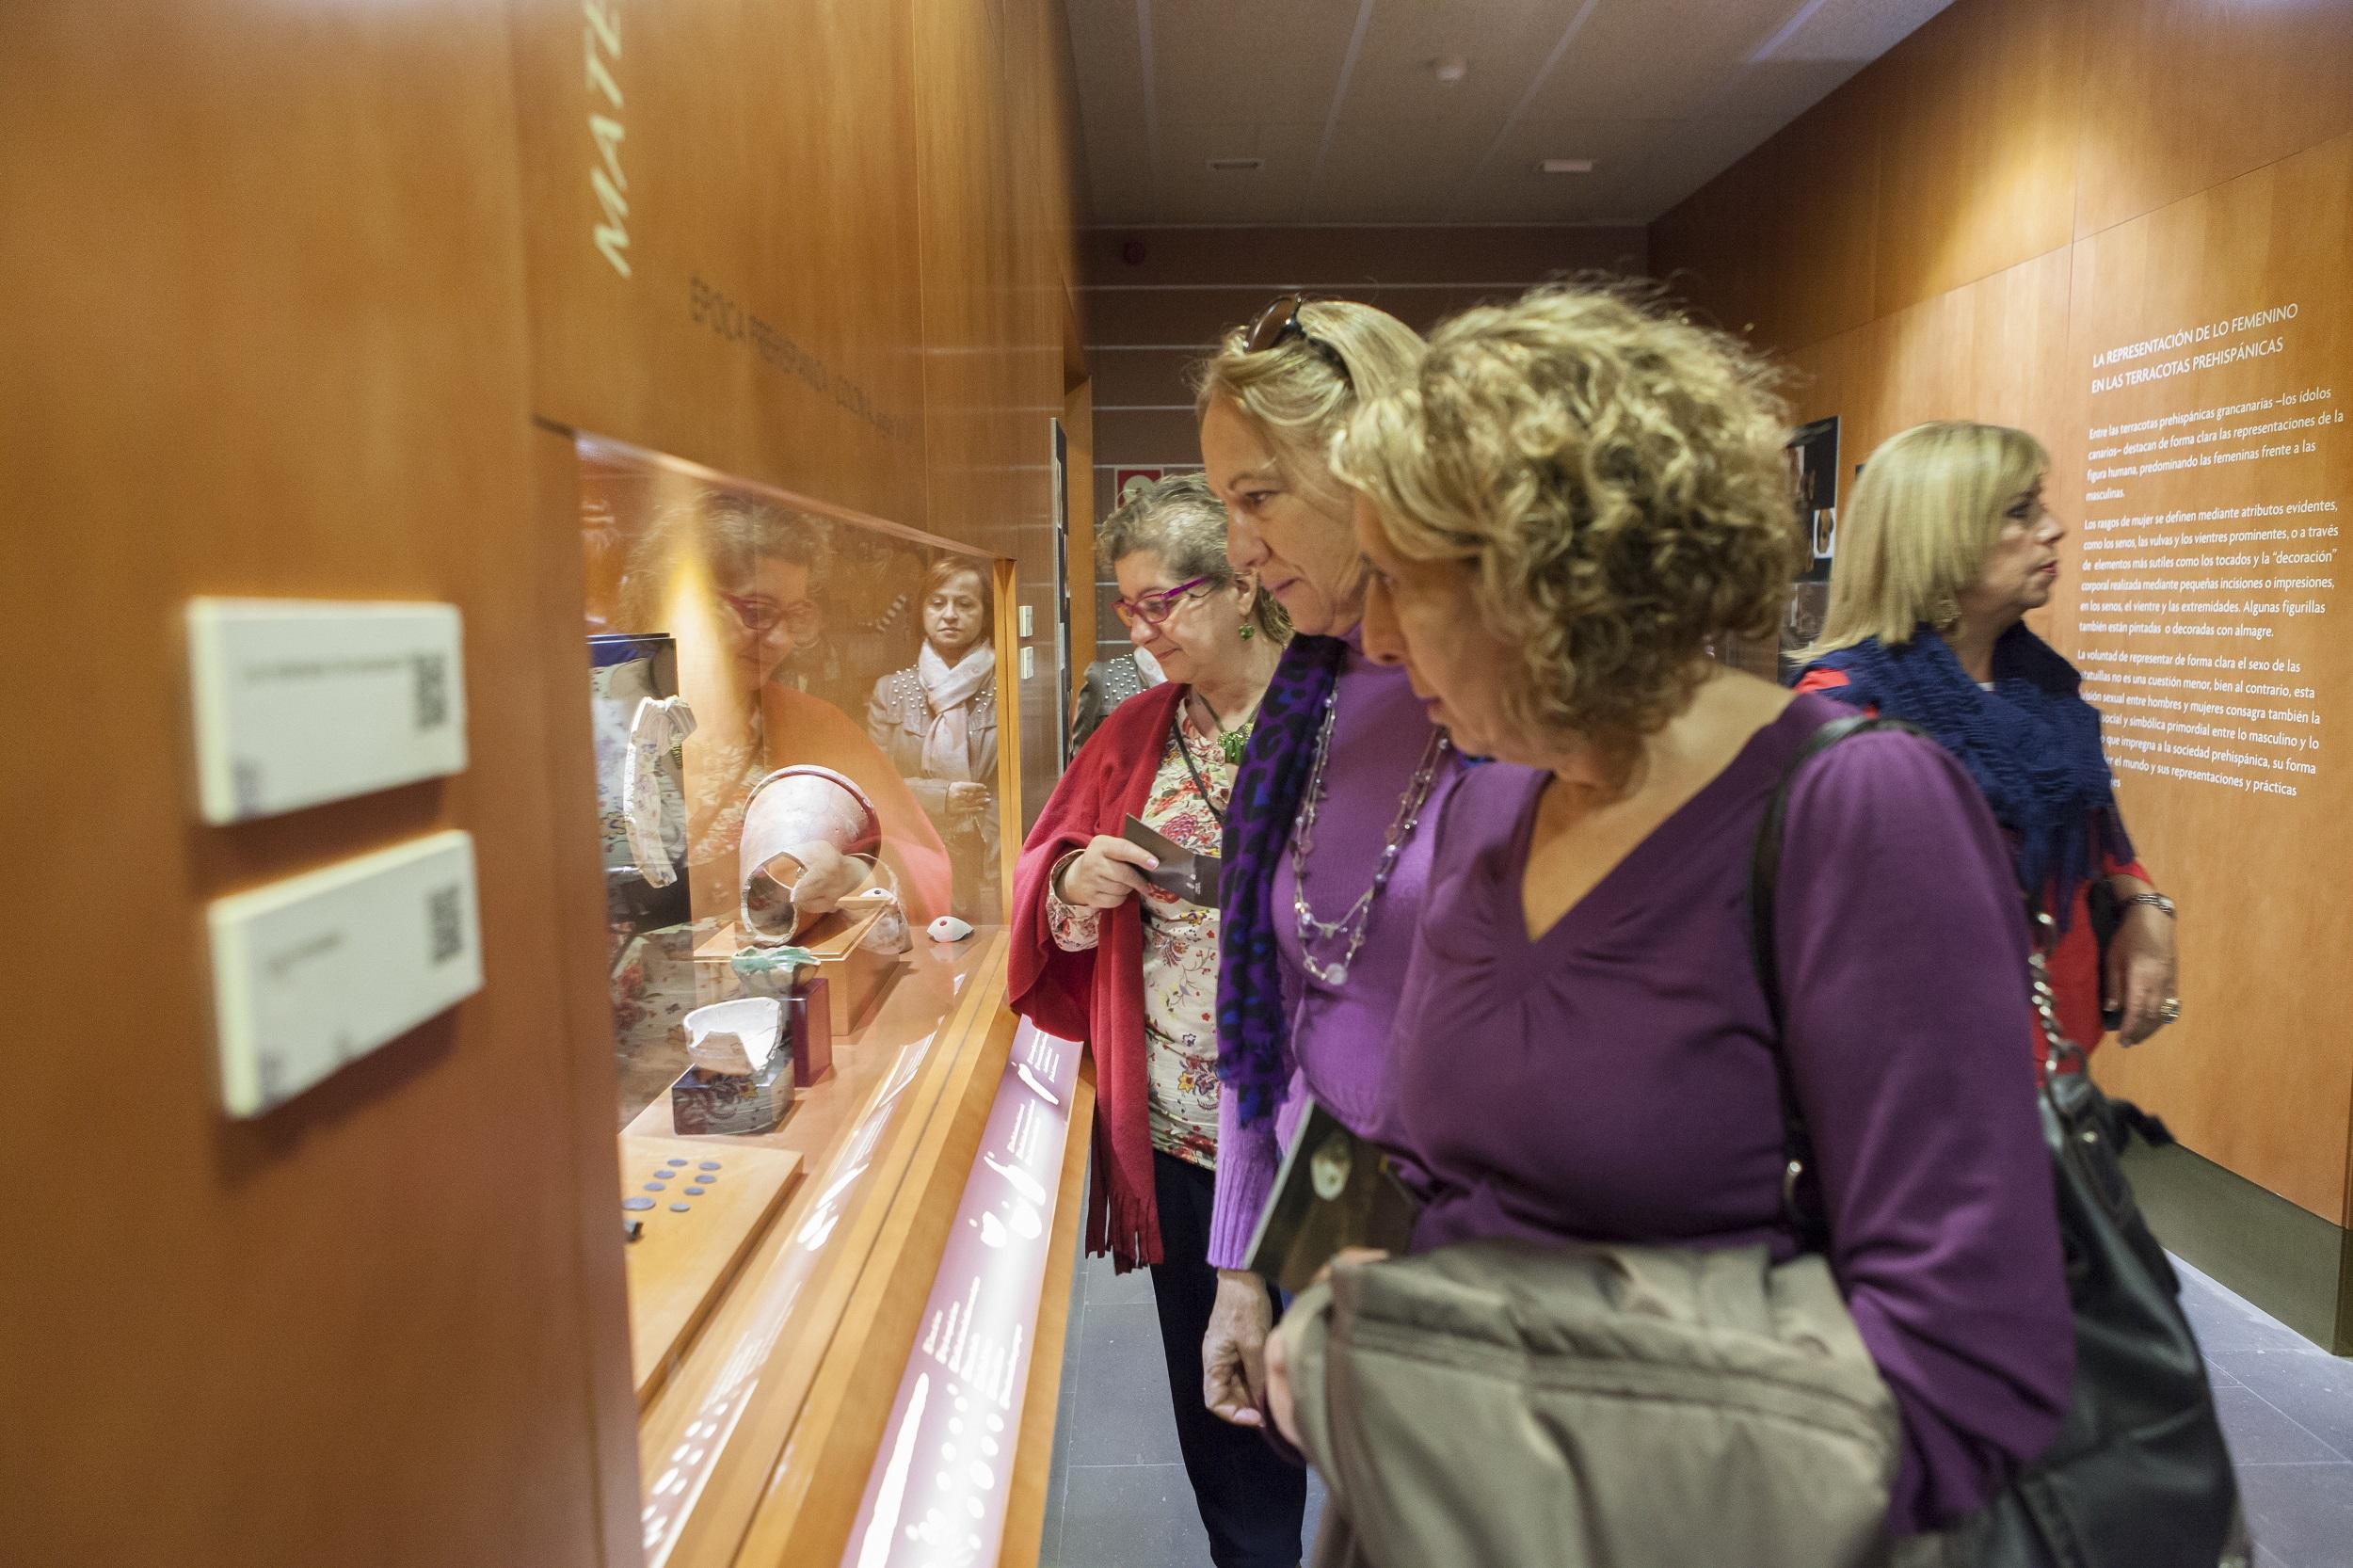 'Descubriendo (en femenino) Cueva Pintada', una visita temática del Museo y Parque Arqueológico para celebrar 'Marzo-Mujer'